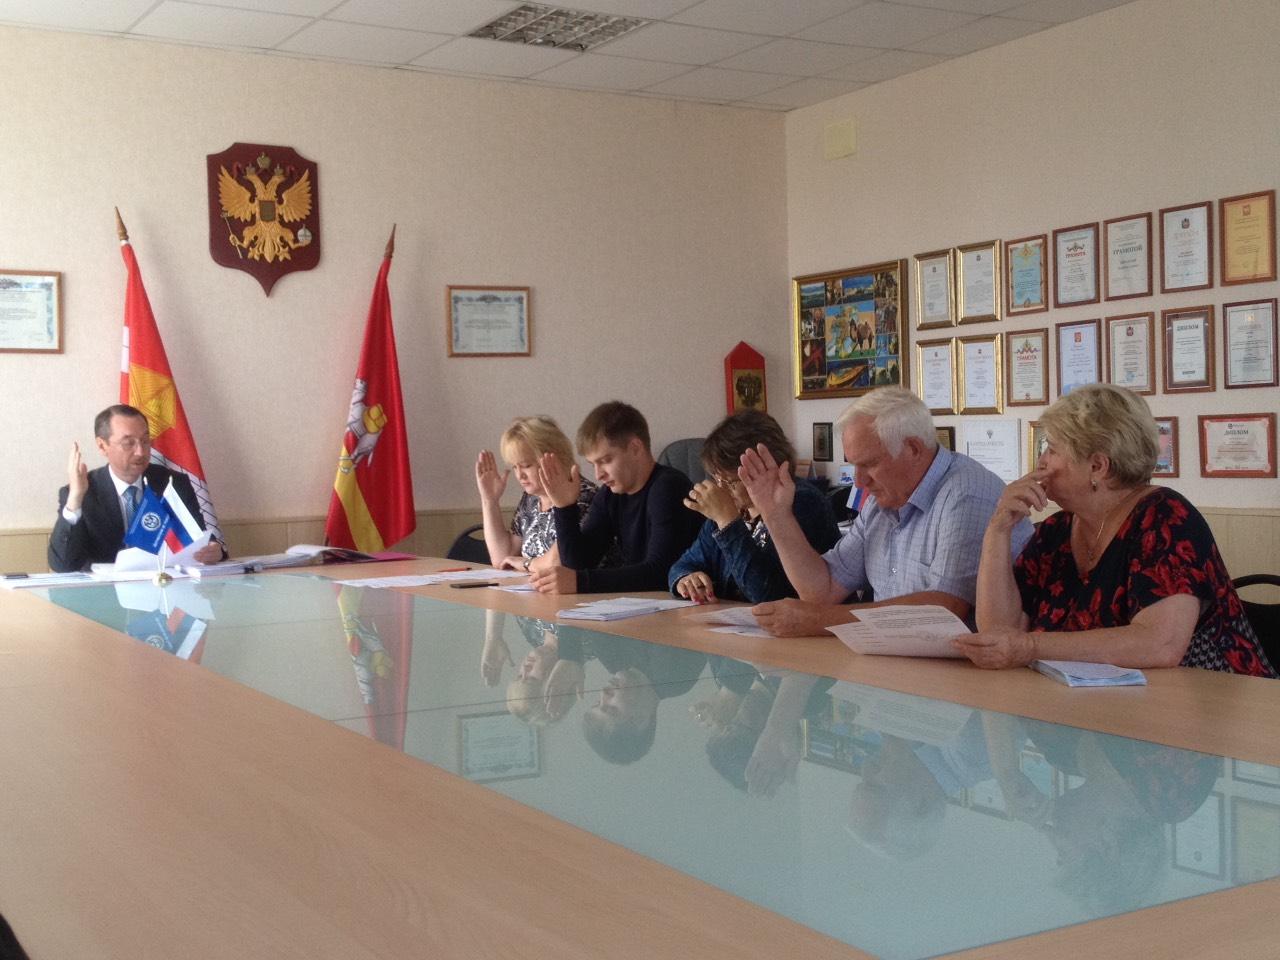 Организационная группа Общественной палаты Еткульского района второго созыва определилась с первым заседанием